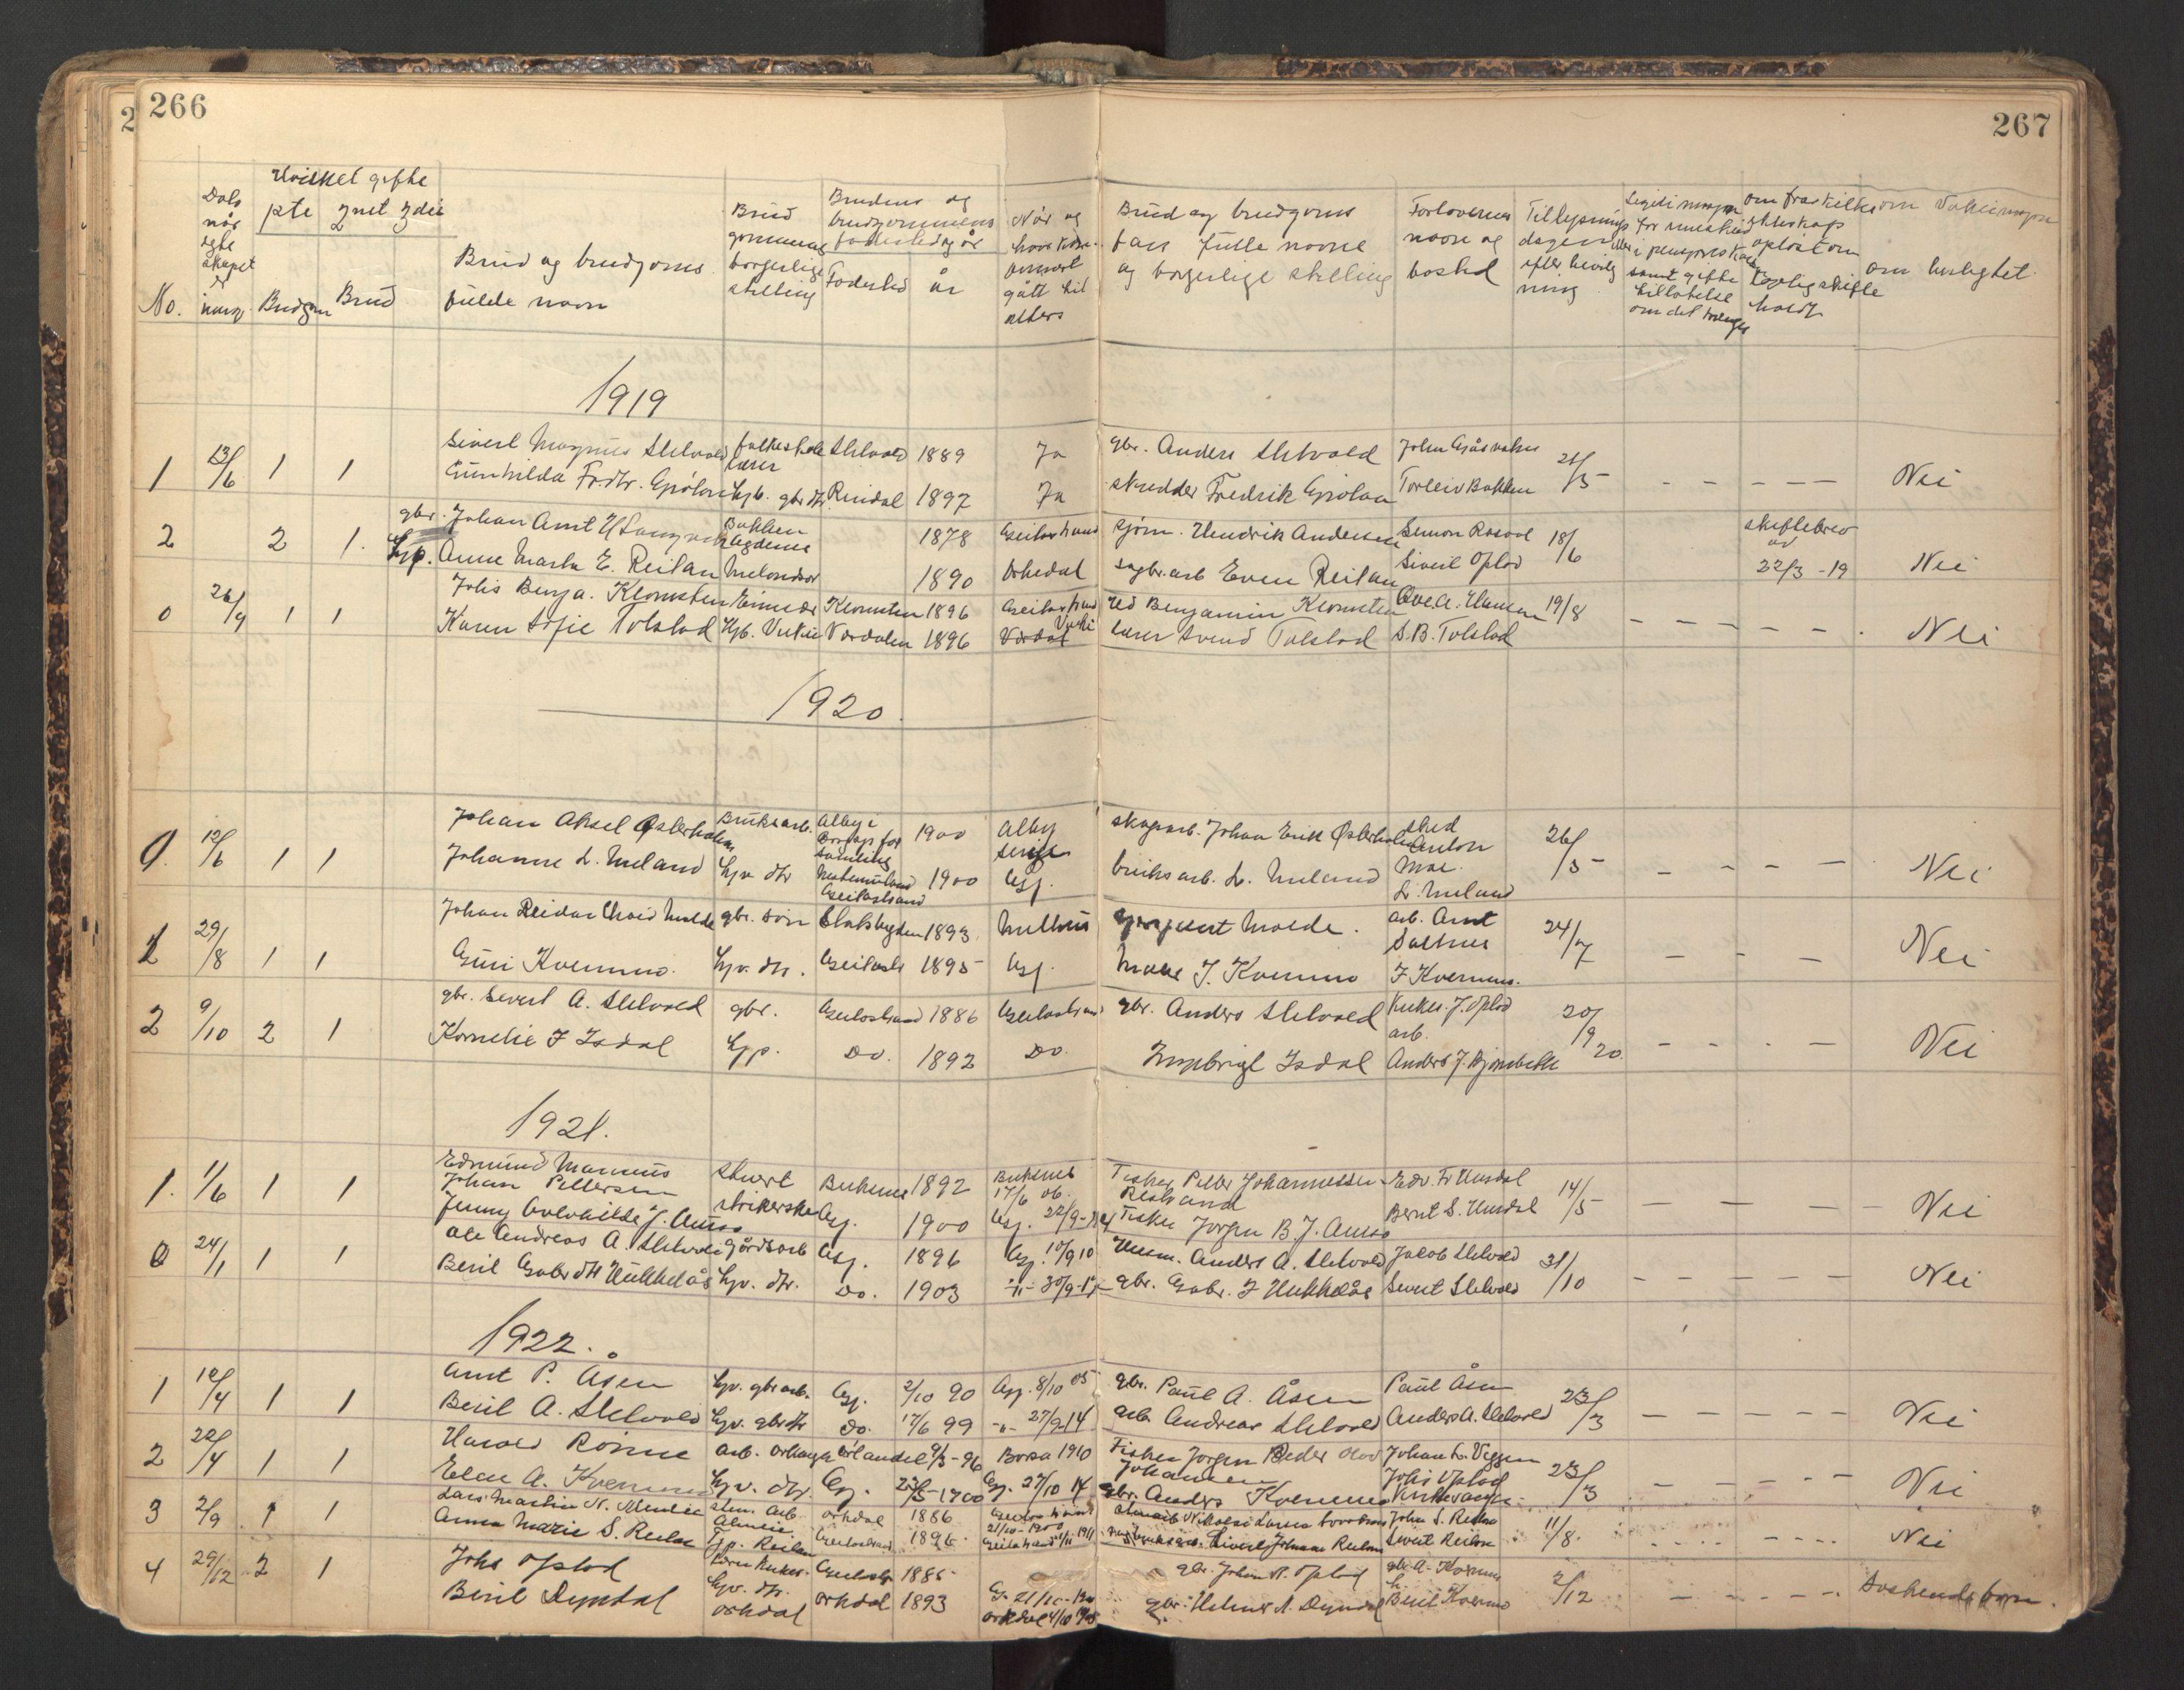 SAT, Ministerialprotokoller, klokkerbøker og fødselsregistre - Sør-Trøndelag, 670/L0837: Klokkerbok nr. 670C01, 1905-1946, s. 266-267